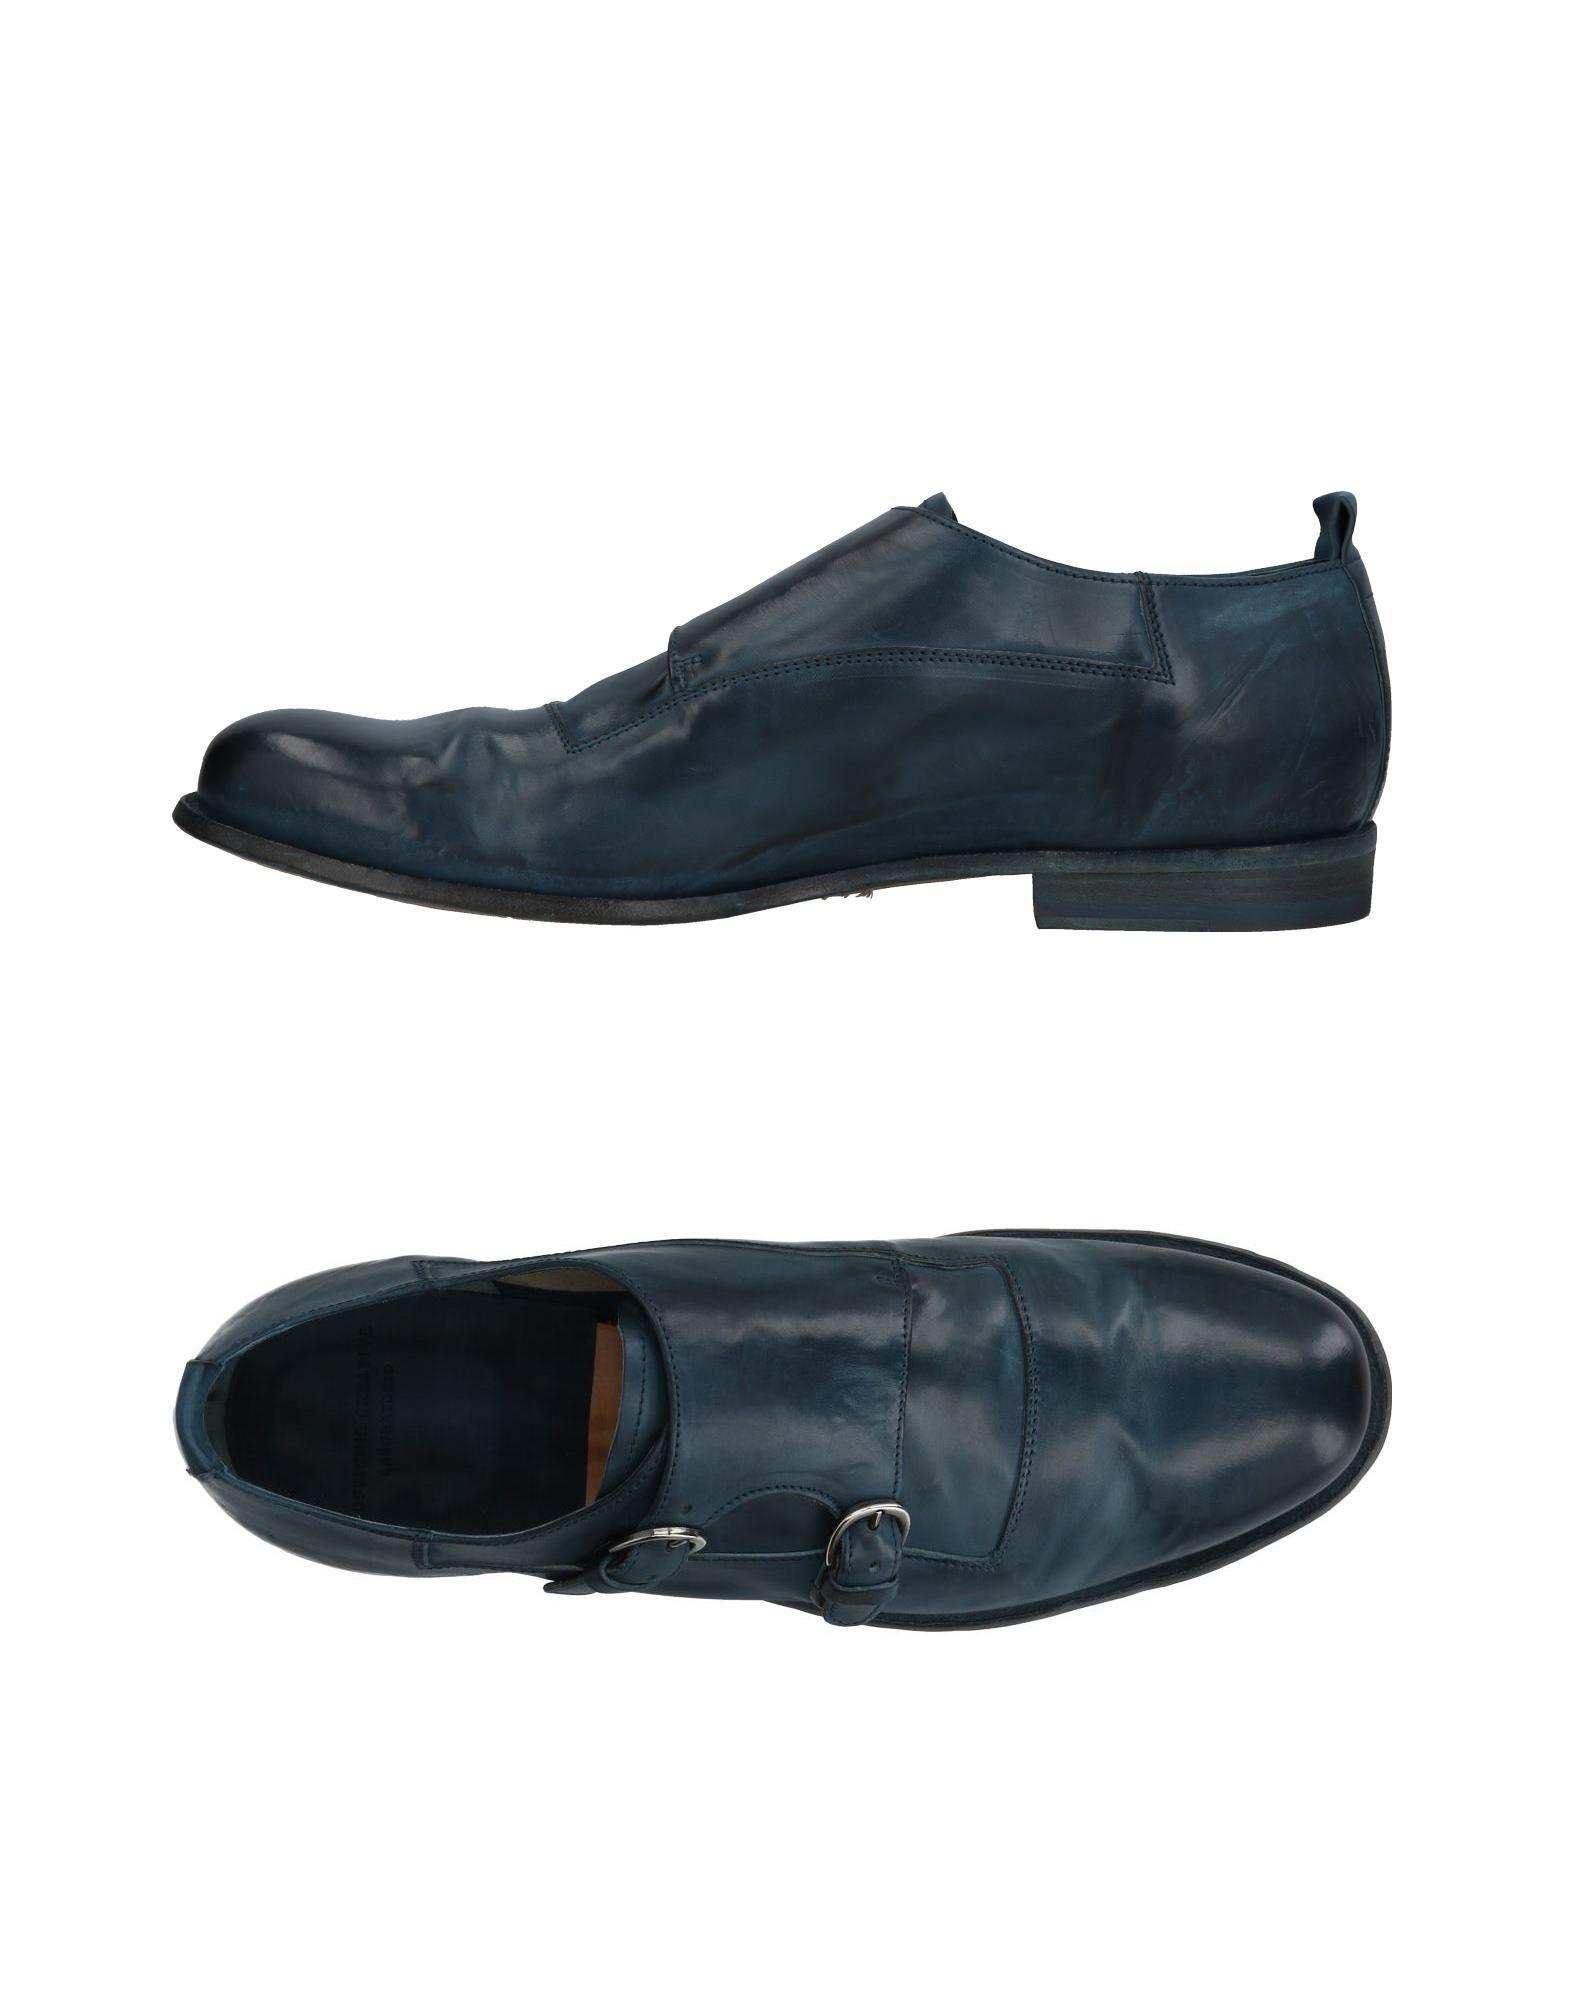 Officine Creative Italia Mokassins Herren  11445471GX Gute Qualität beliebte Schuhe